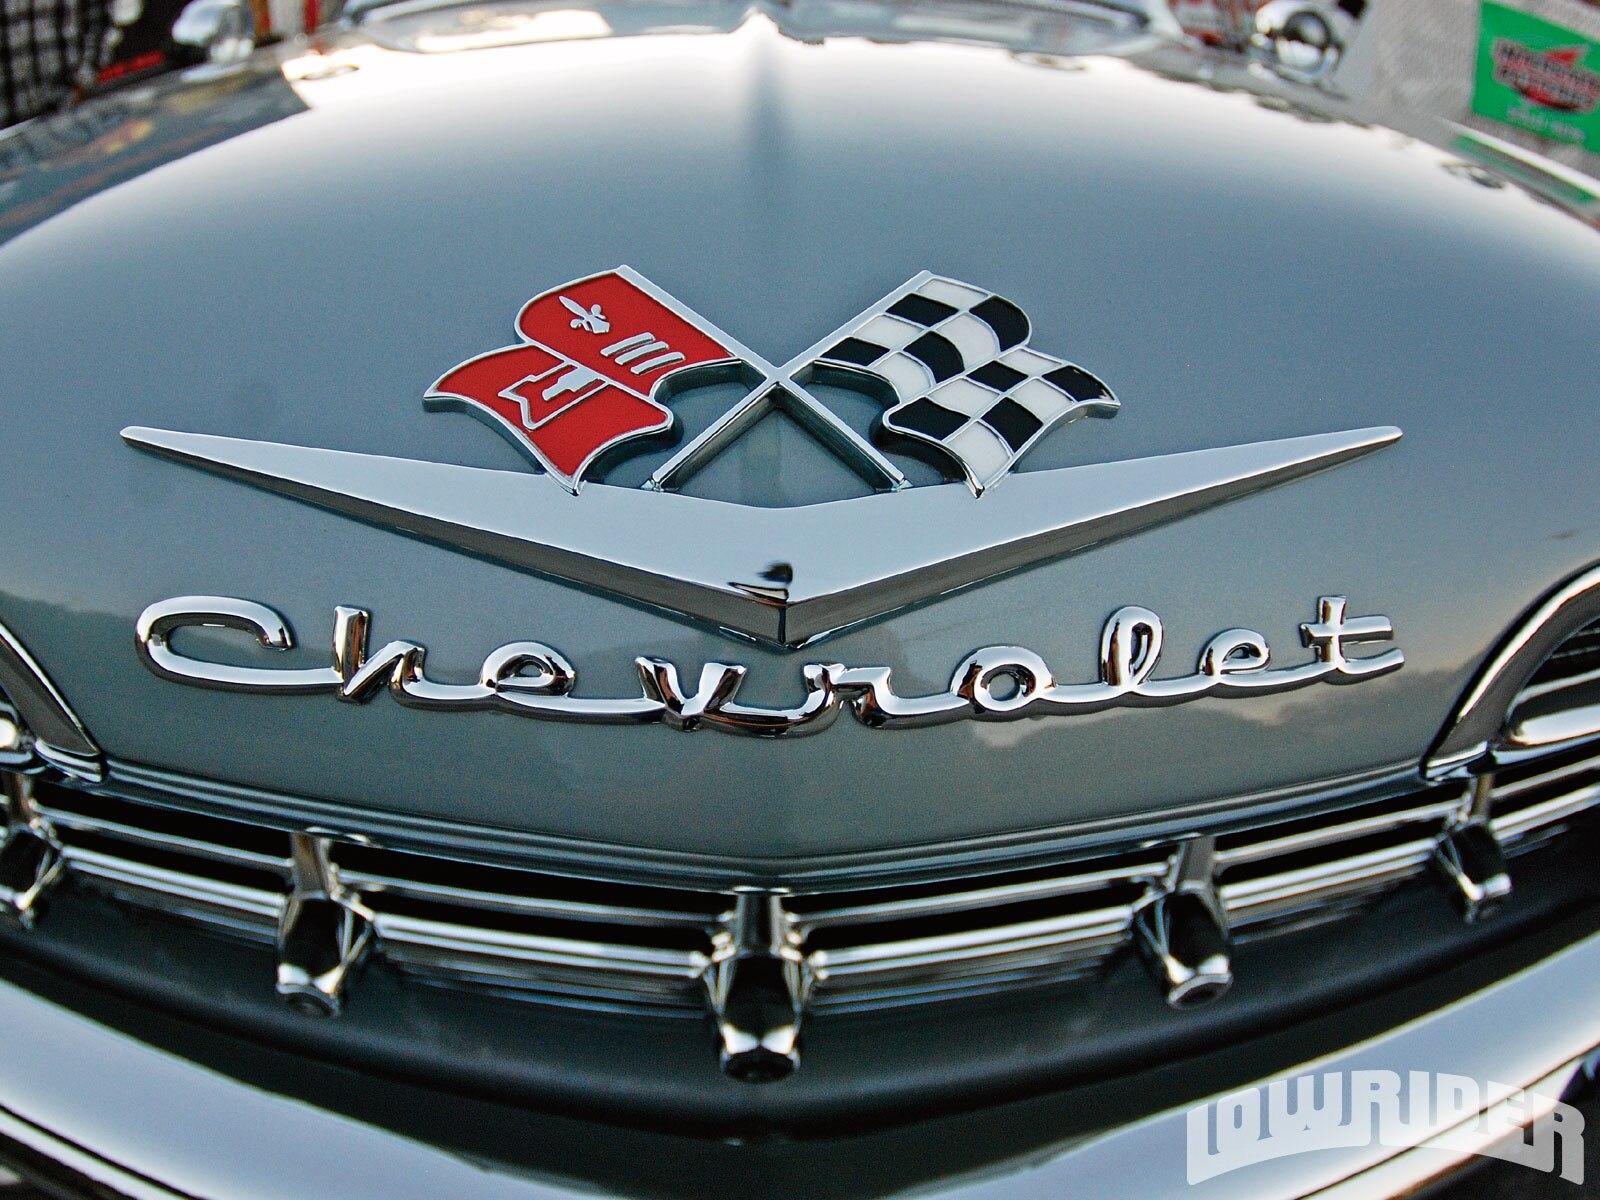 1959 chevrolet impala lowrider magazine 36 buycottarizona Images